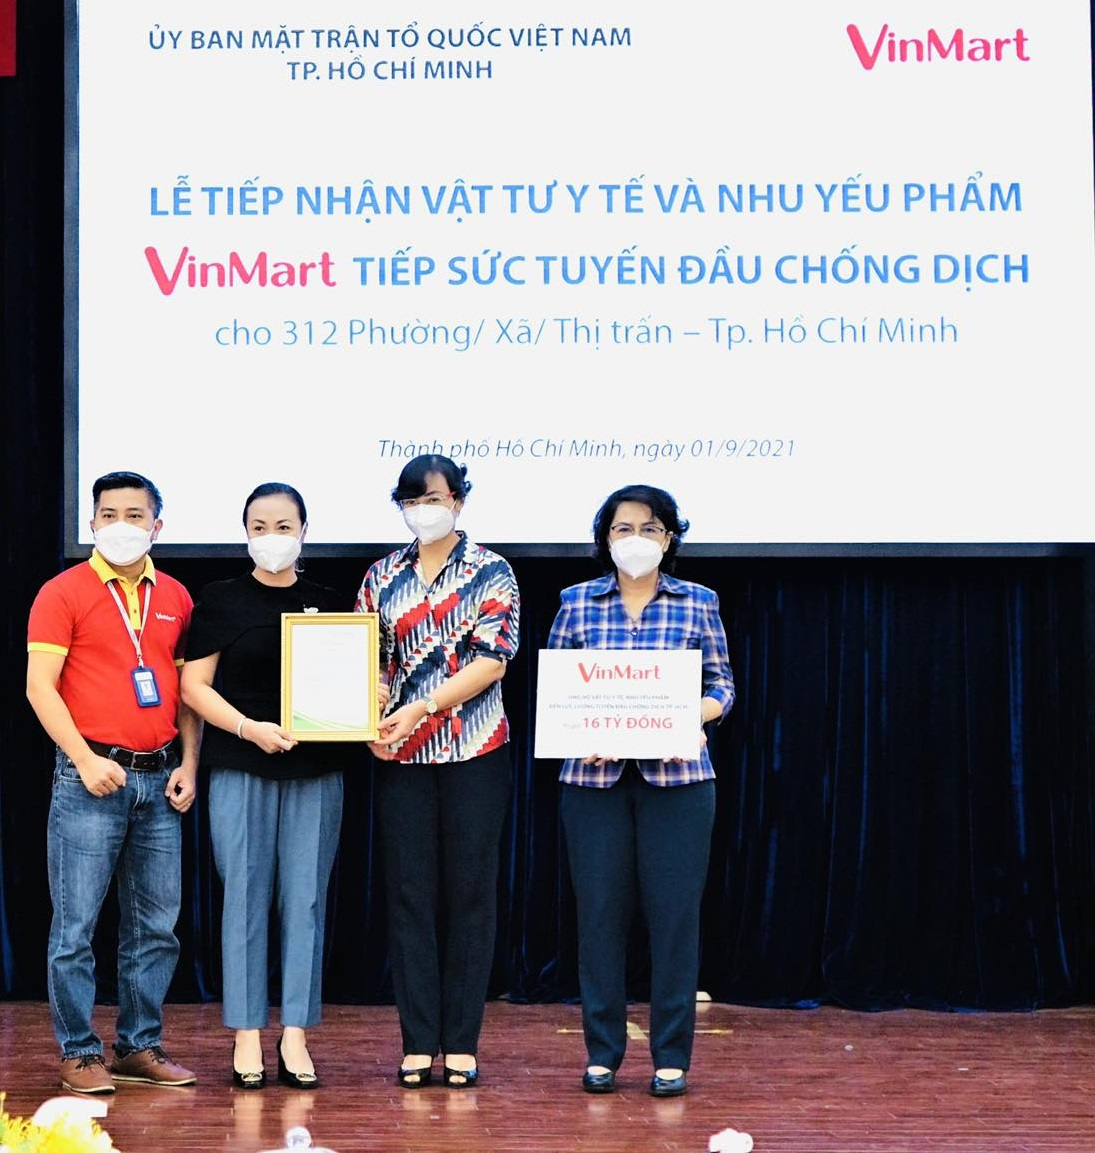 Đại diện UBND TPHCM tiếp nhận tài trợ từ  đại diện siêu thị VinMart - Ảnh: Masan Group